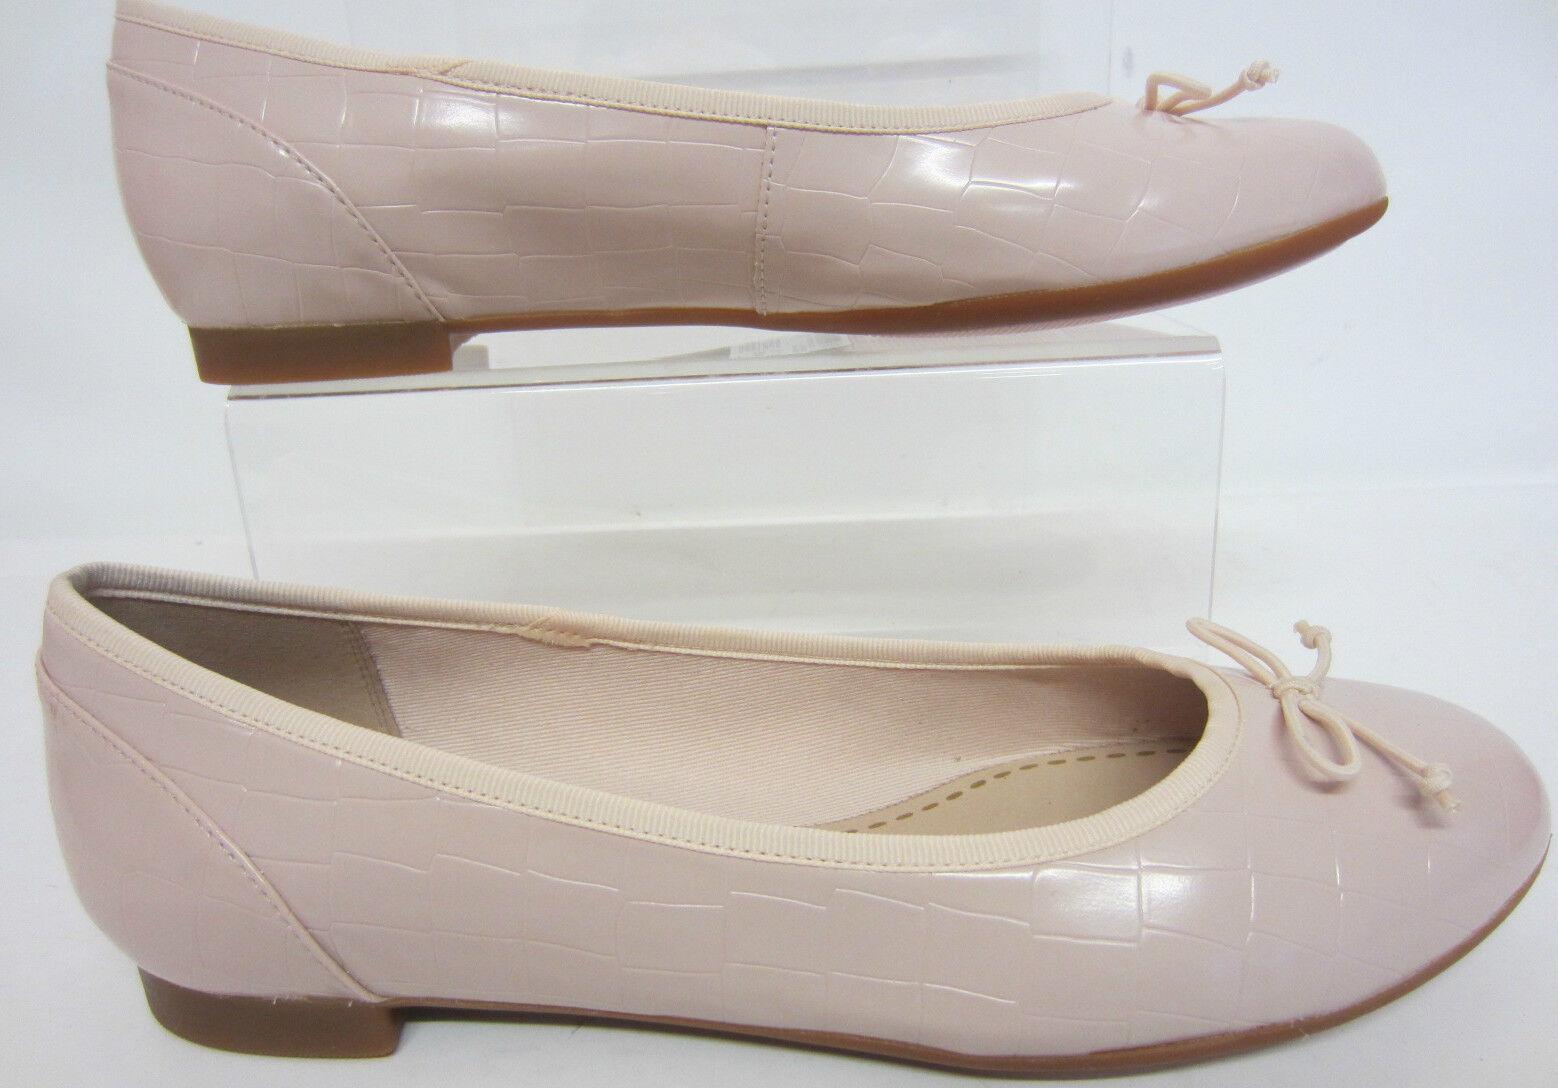 Clarks Couture Floraison Chaussures pour Femmes Confort Semelle Rose Chair